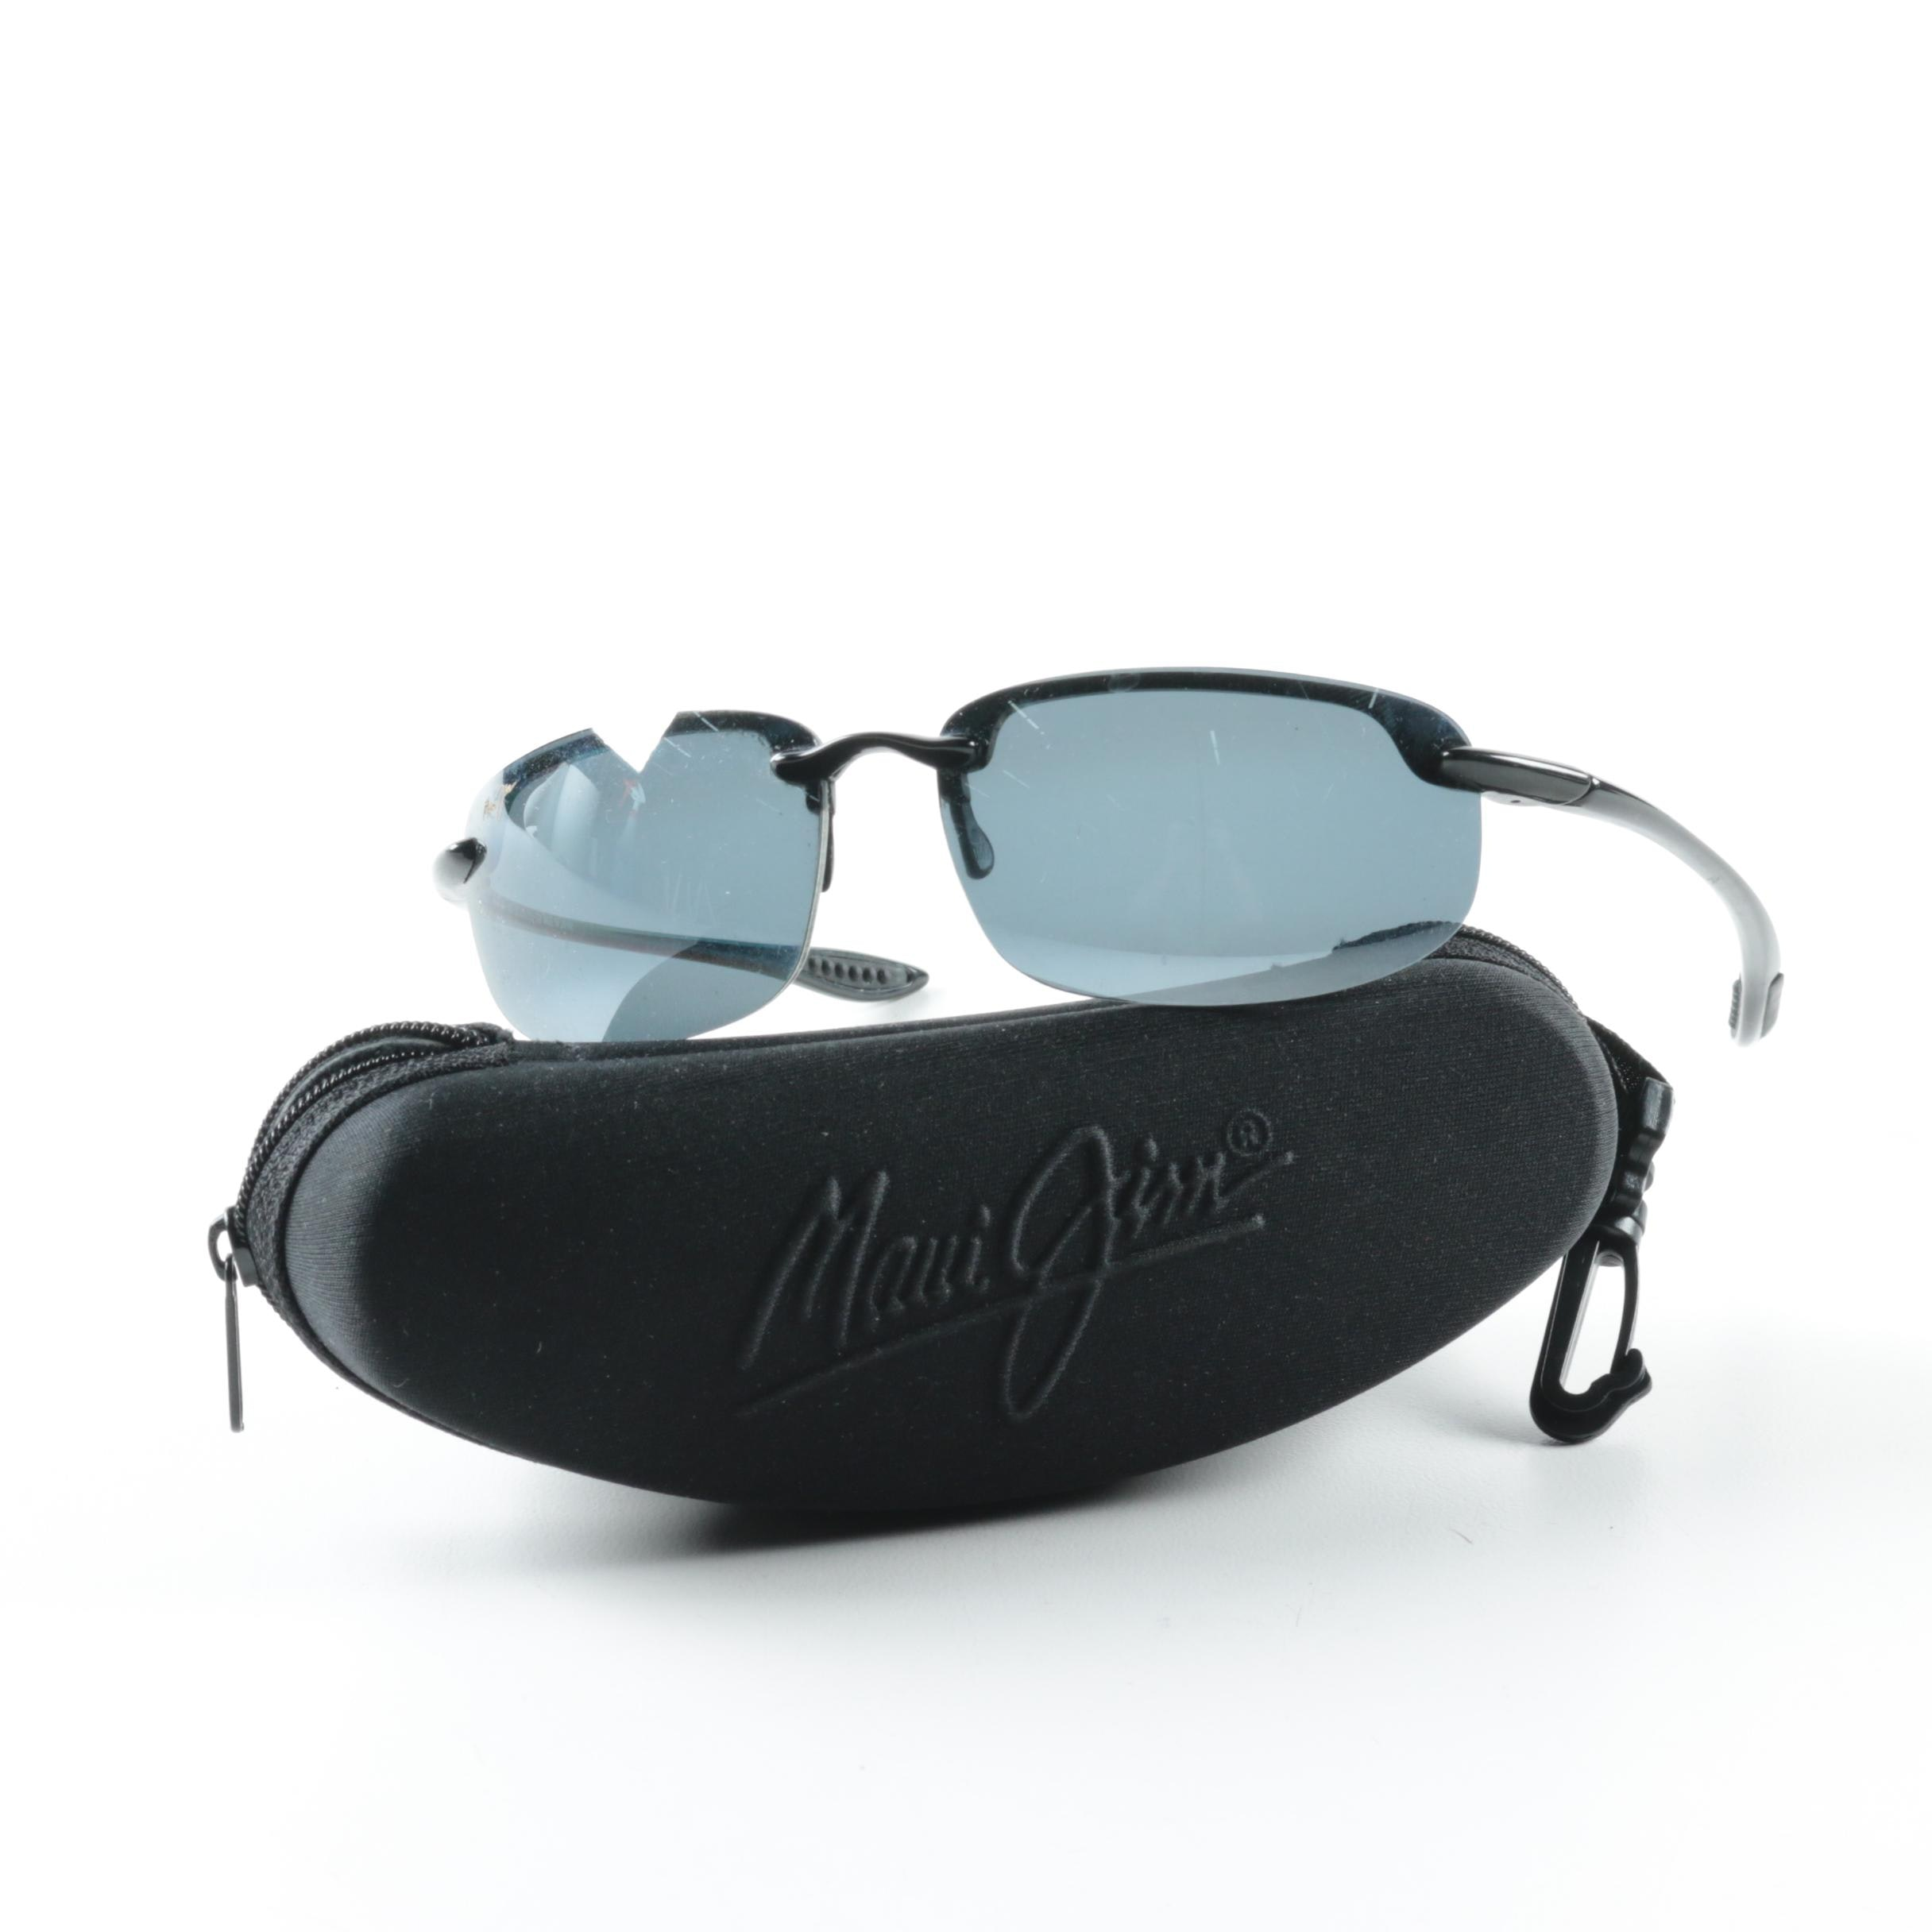 Maui Jim Sport Ho'okipa Sunglasses with Case